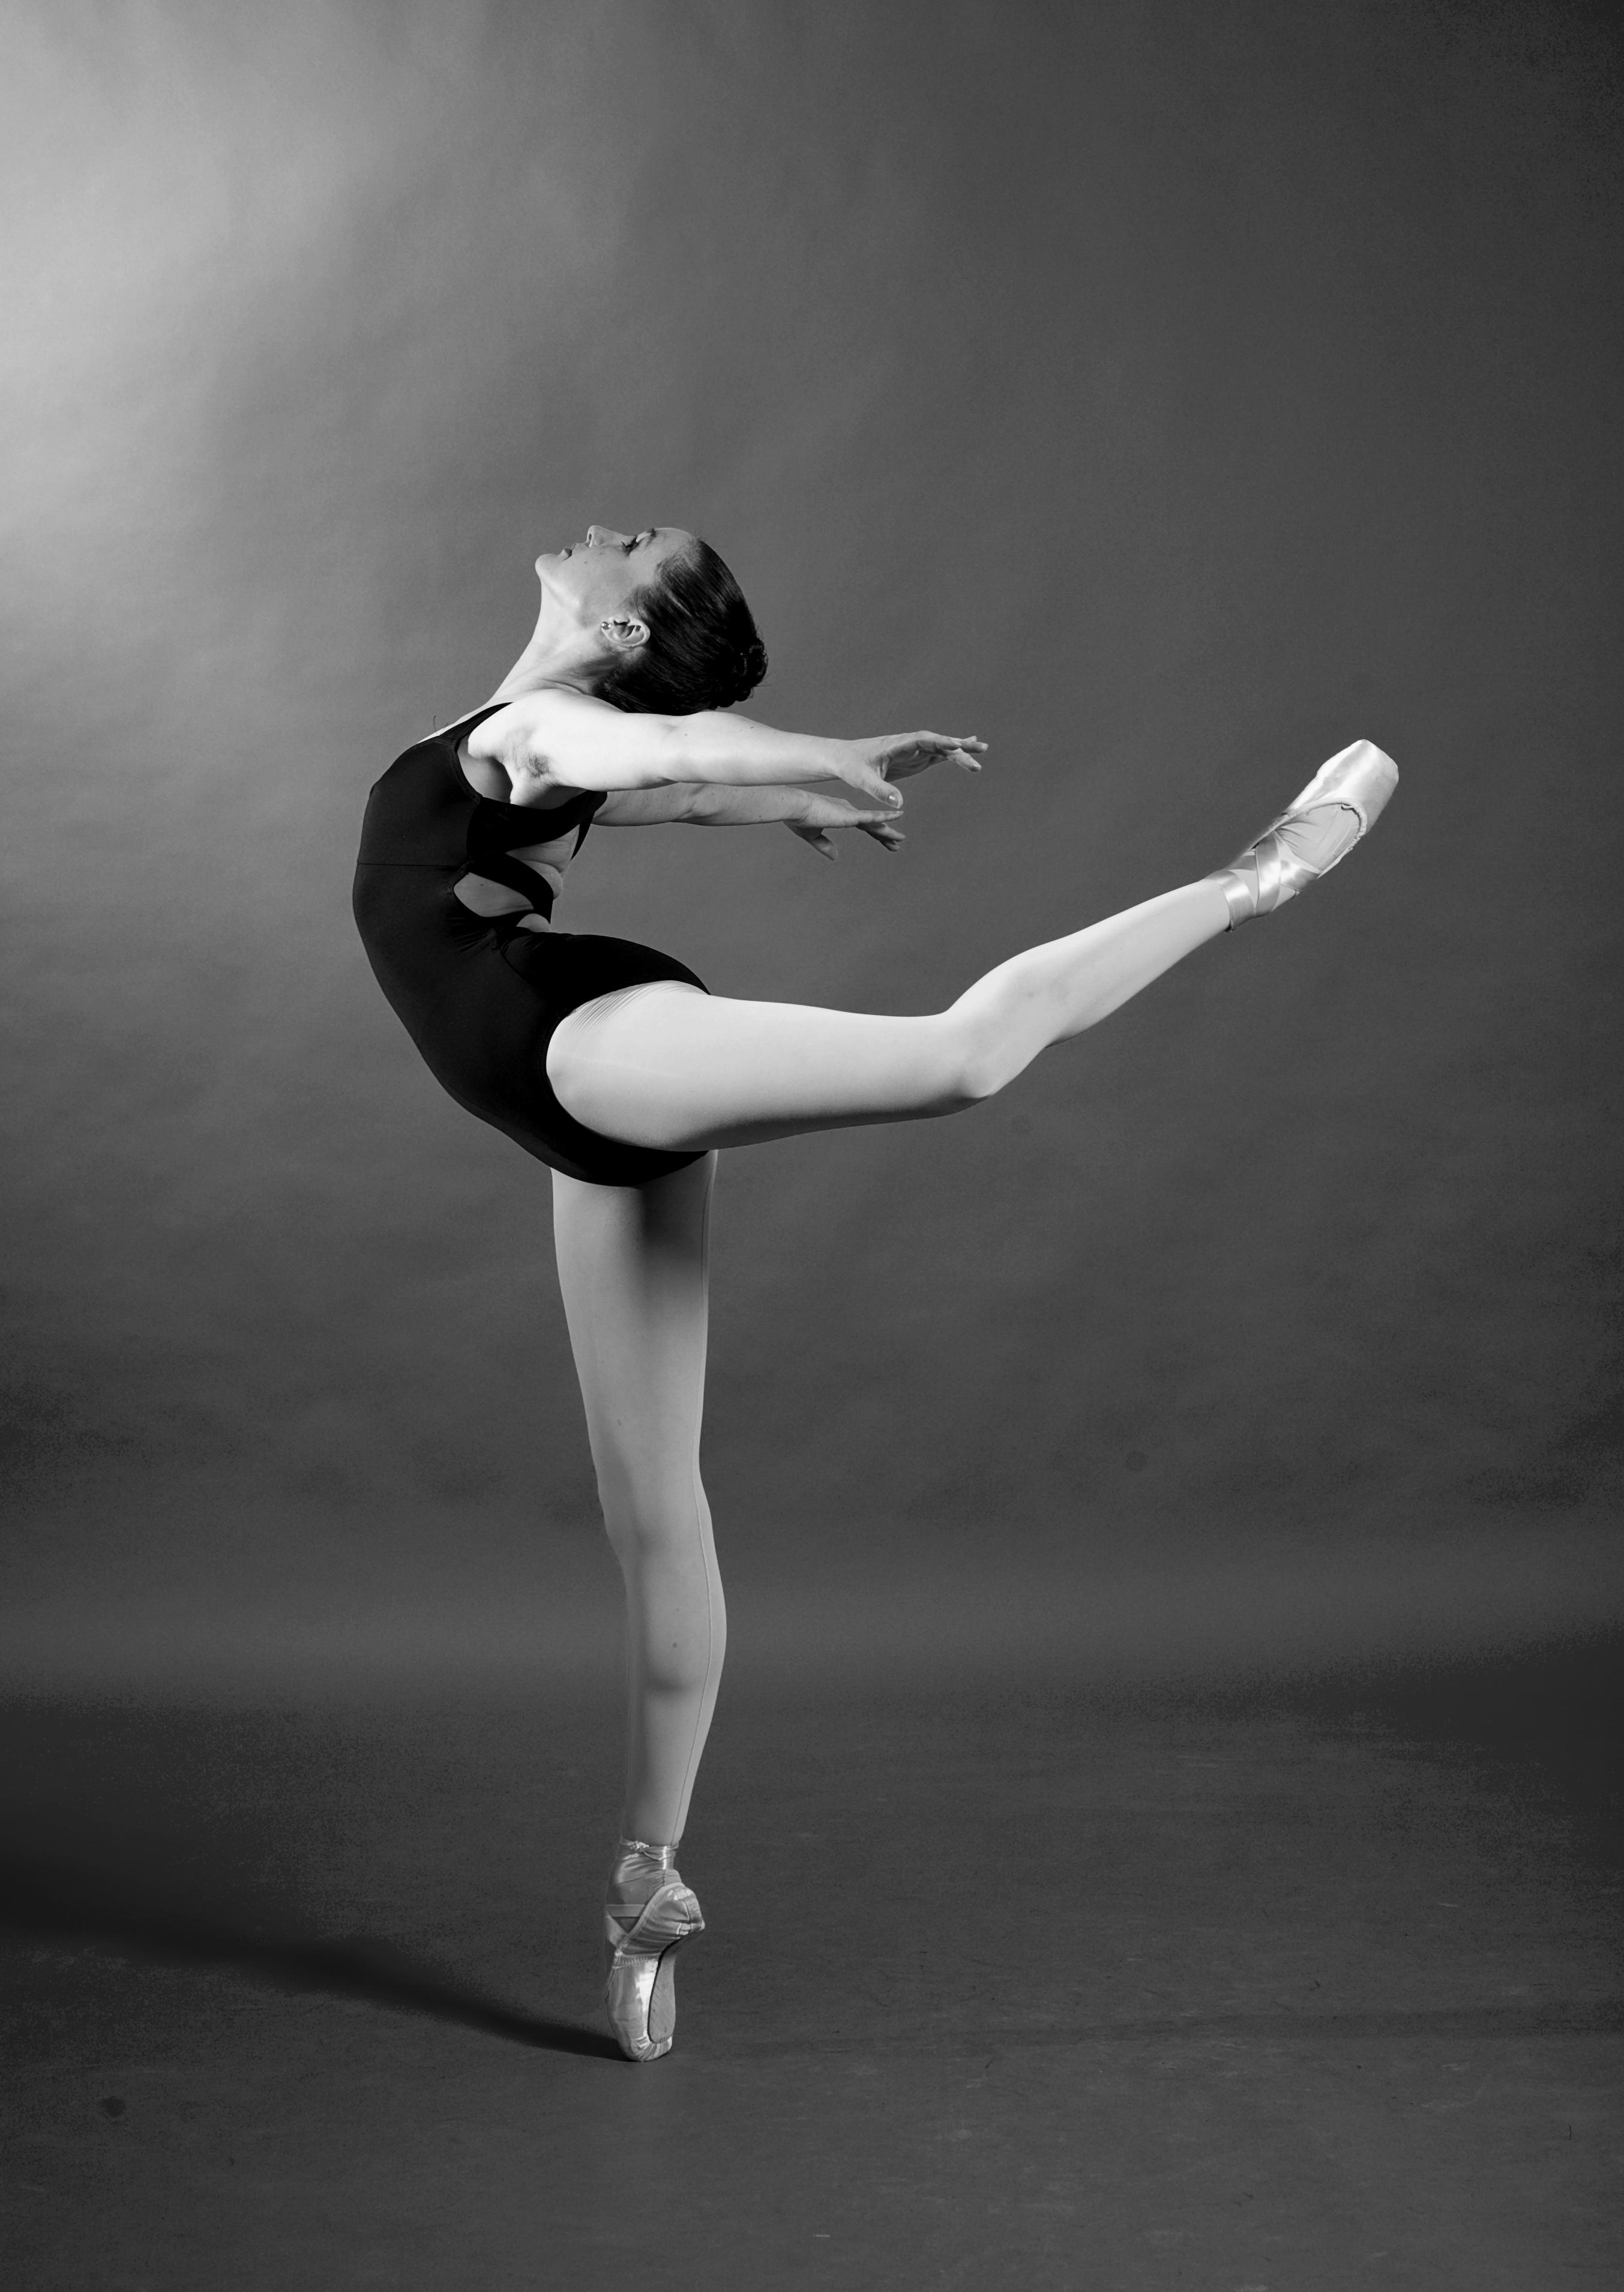 1000+ images about Ballet abc on Pinterest | Arabesque ...